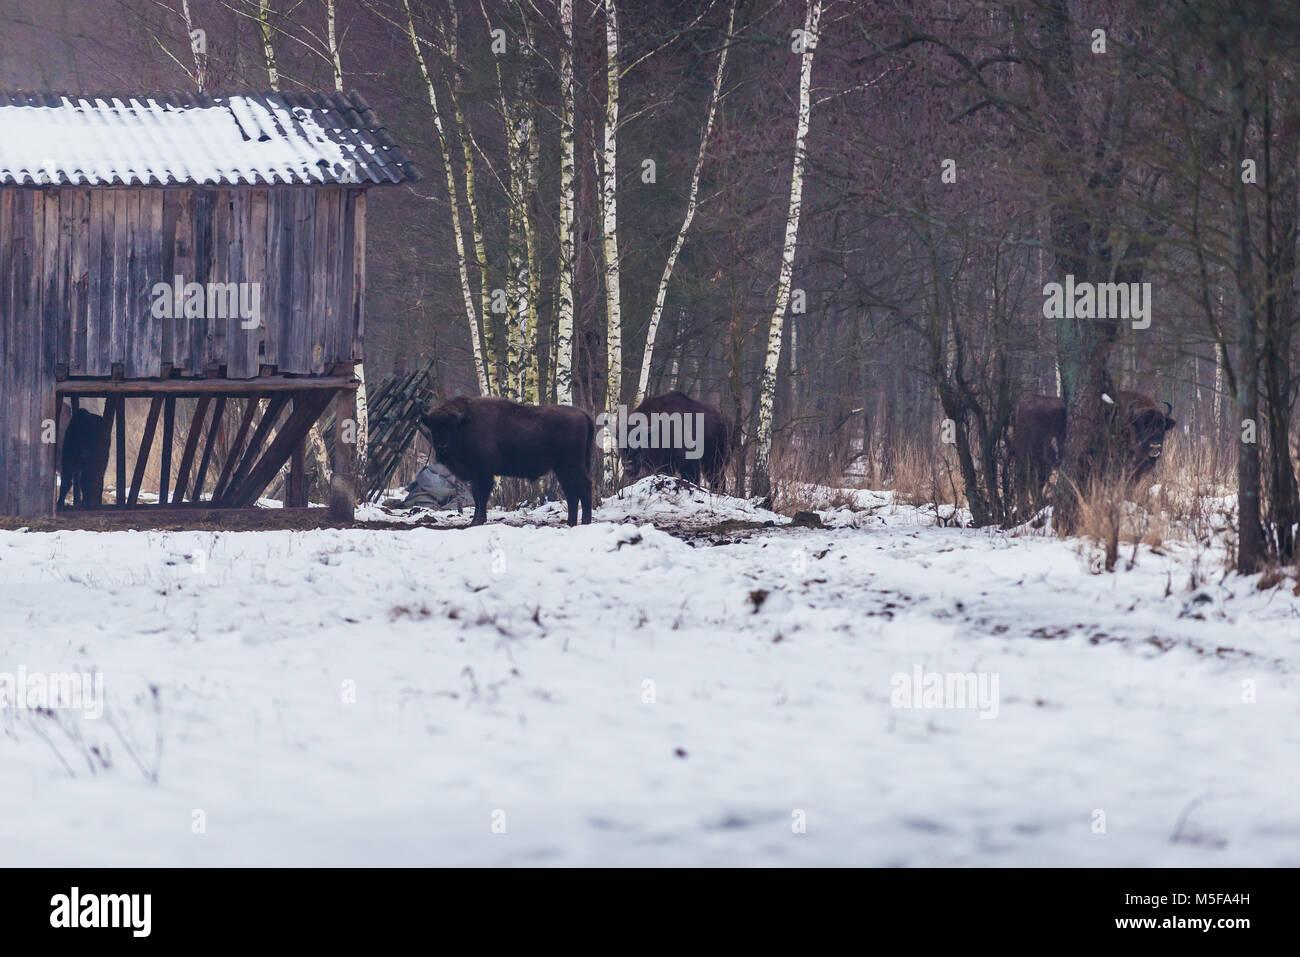 European bisons on a meadow in Gruszki village within Hajnowka County, Podlaskie Voivodeship of Poland - Stock Image